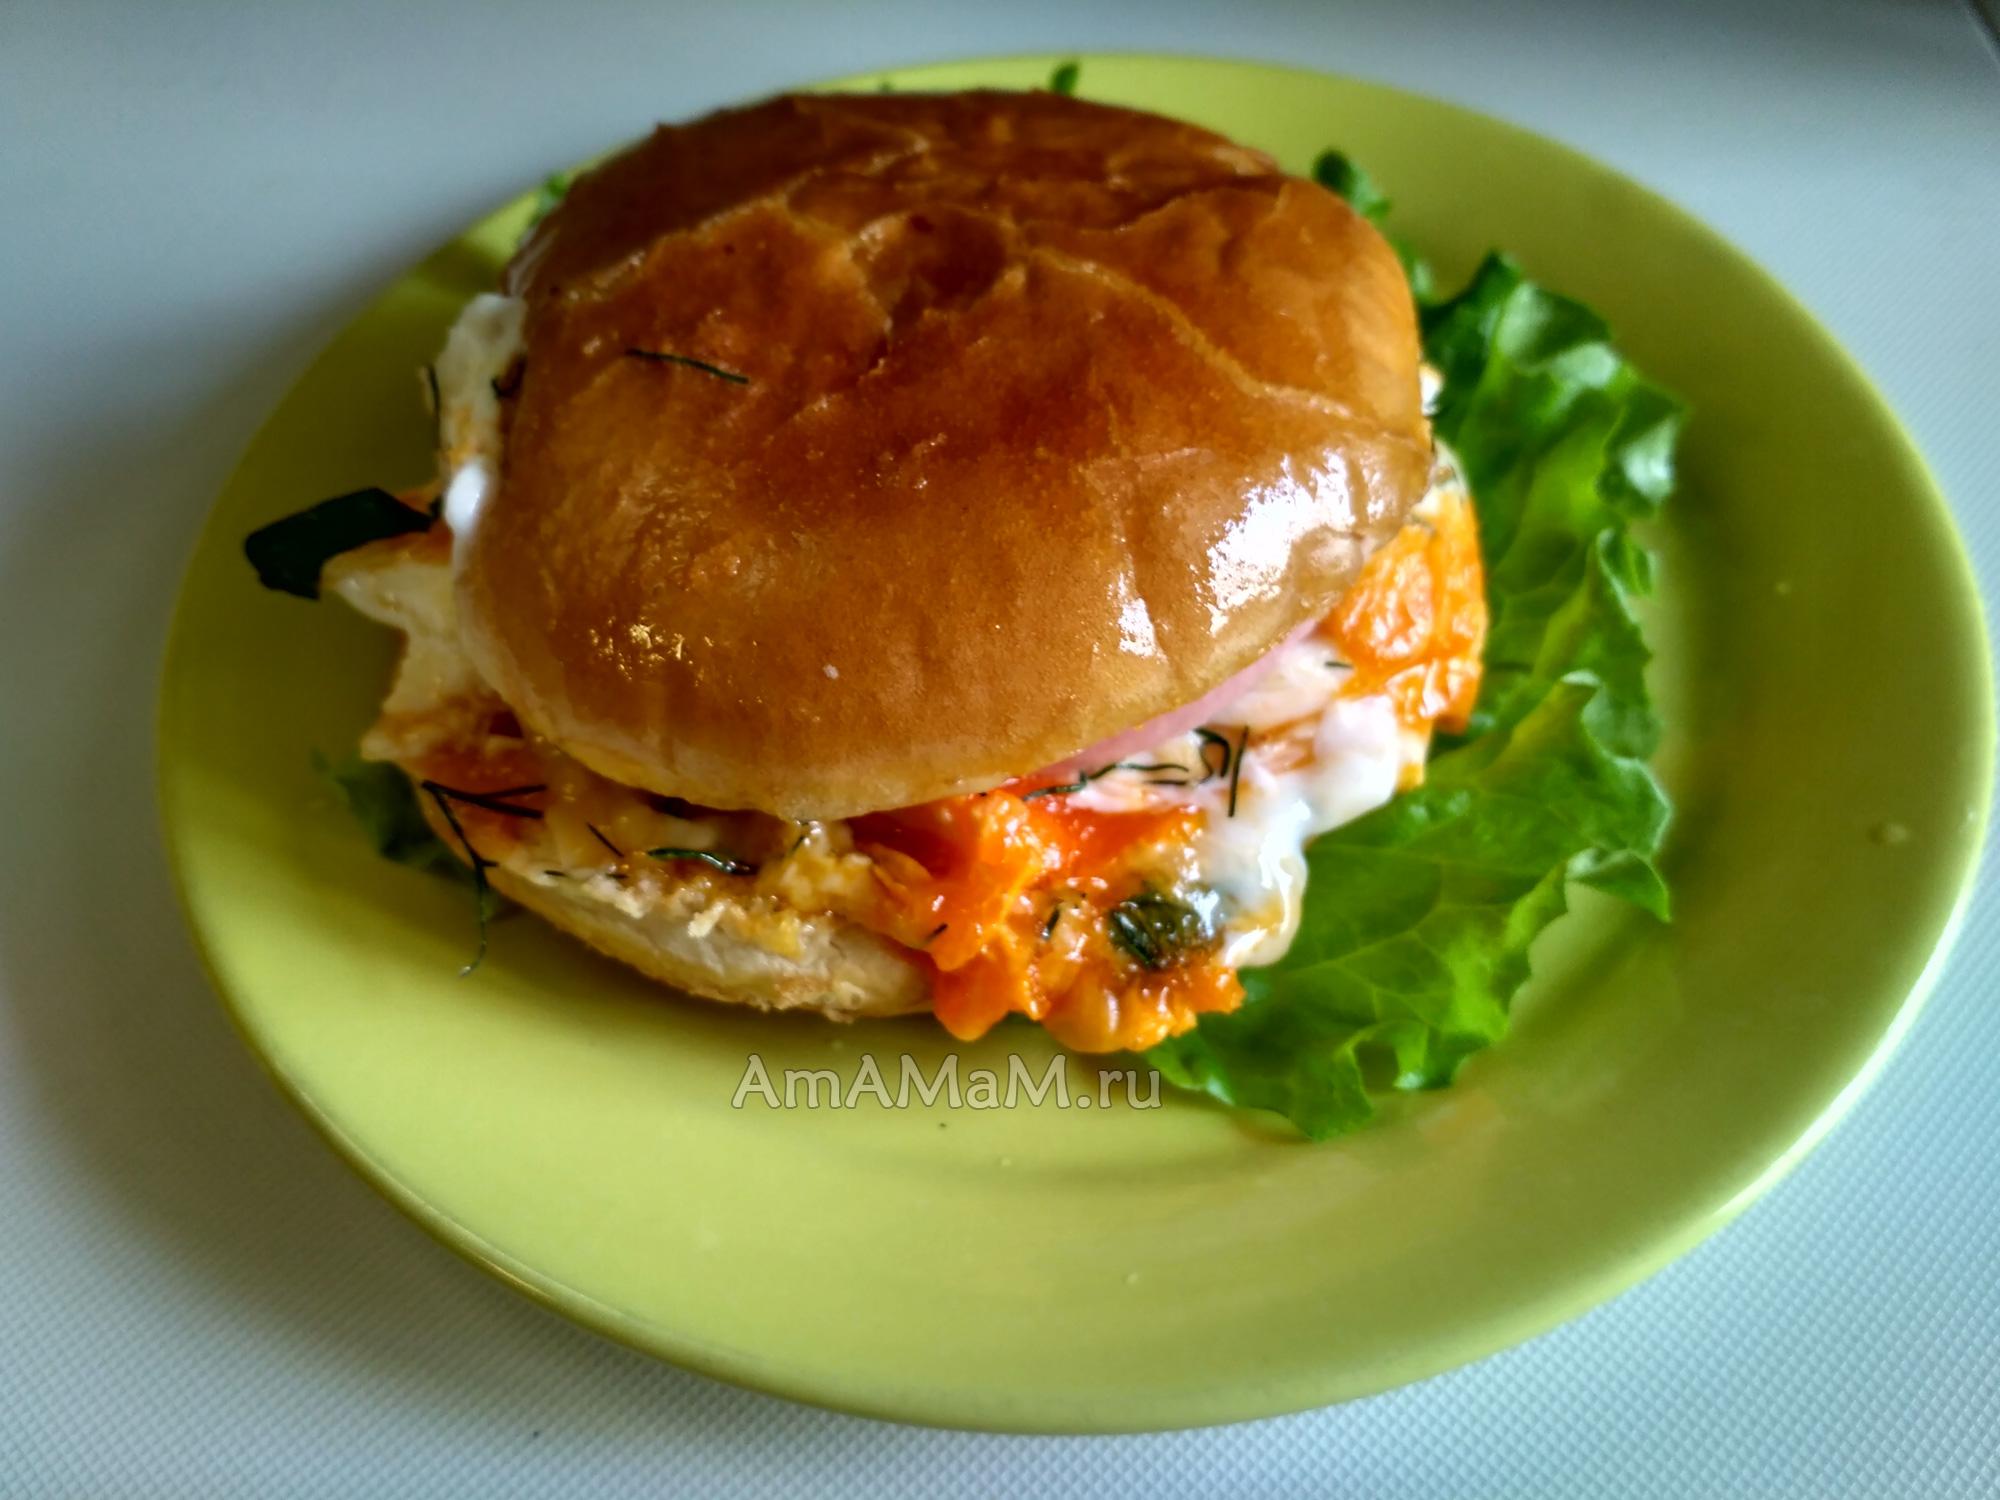 Рецепты гамбургеров с колбасой в домашних условиях